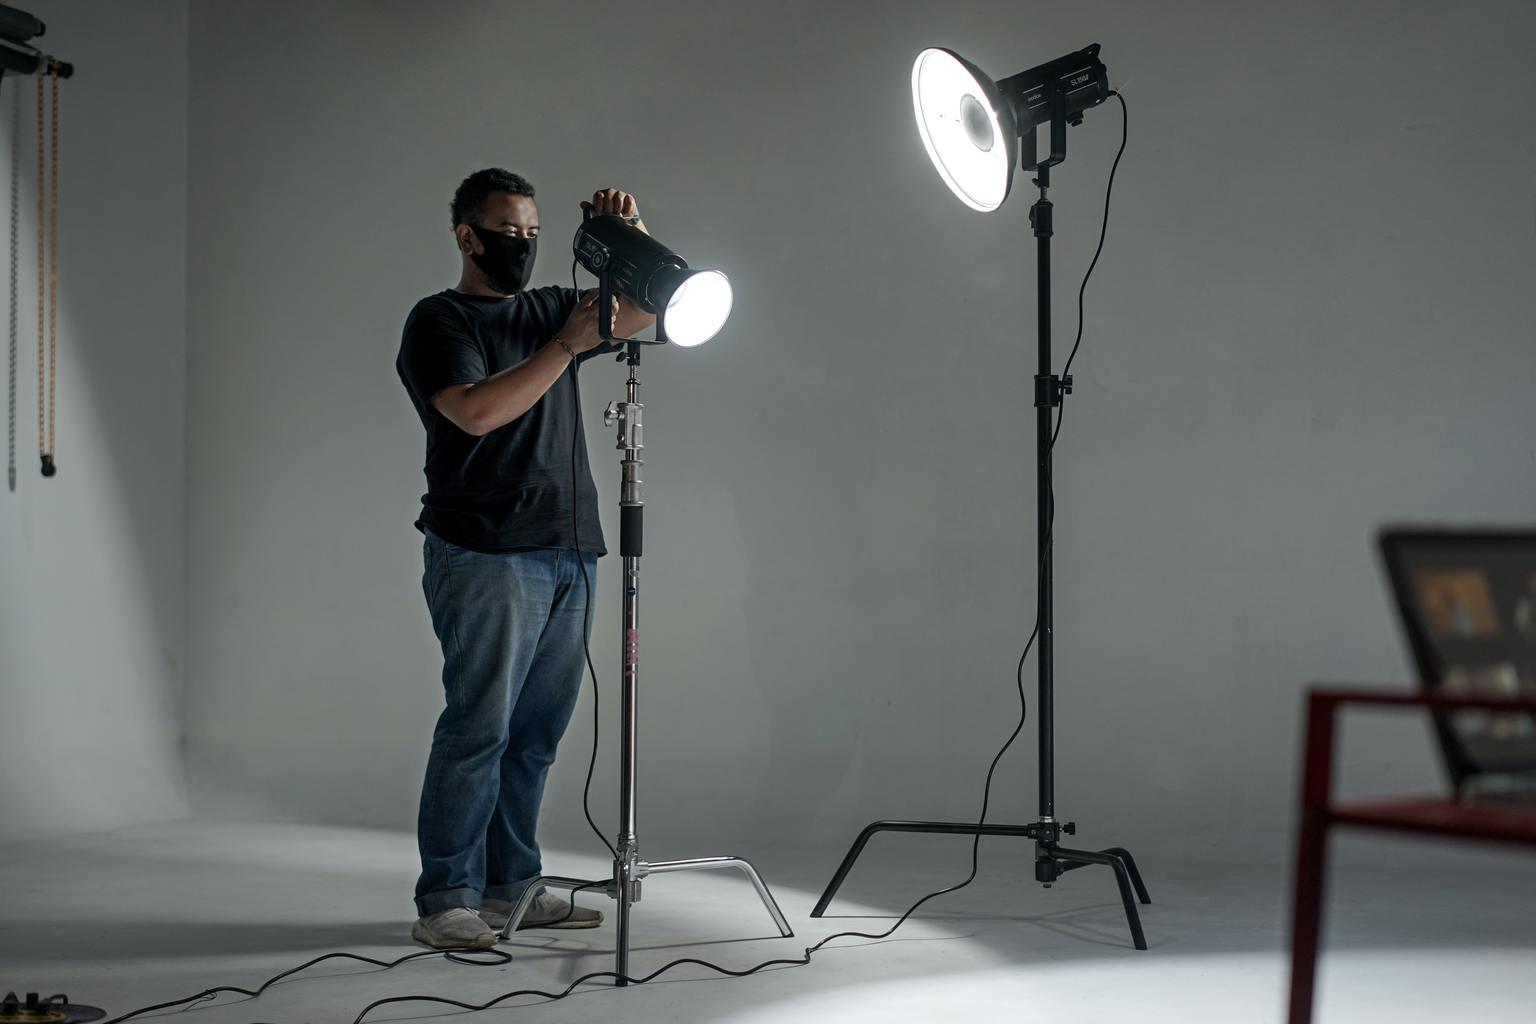 luz continua fotografo